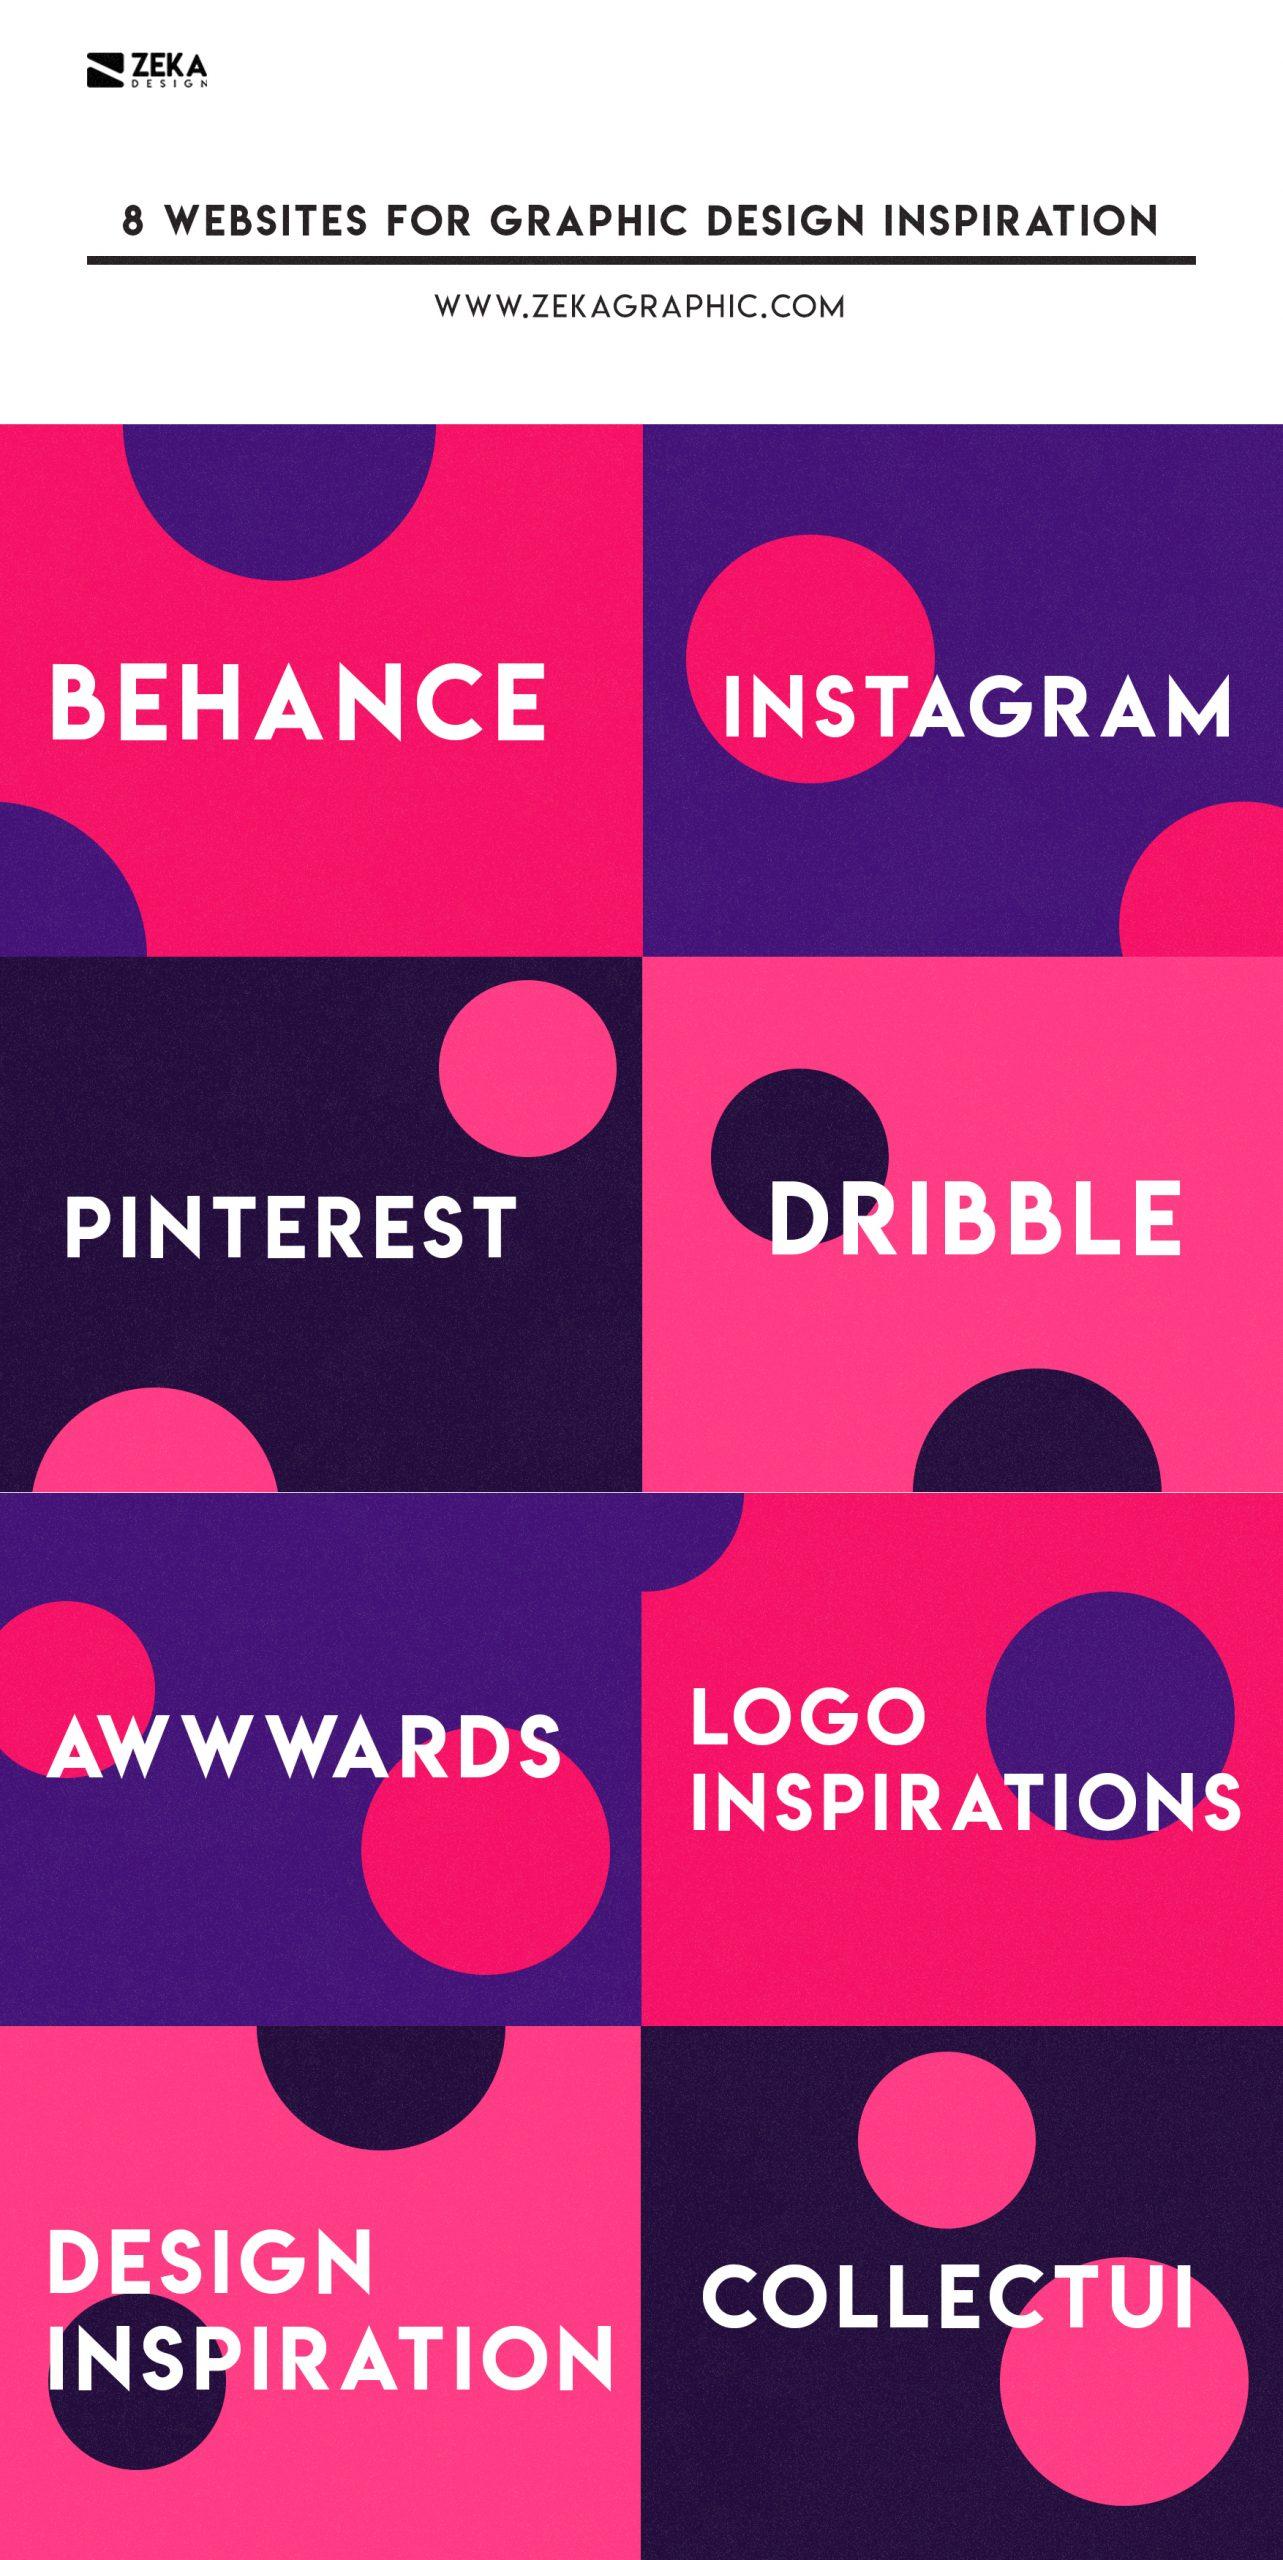 Website For Graphic Design Inspiration Blog Post